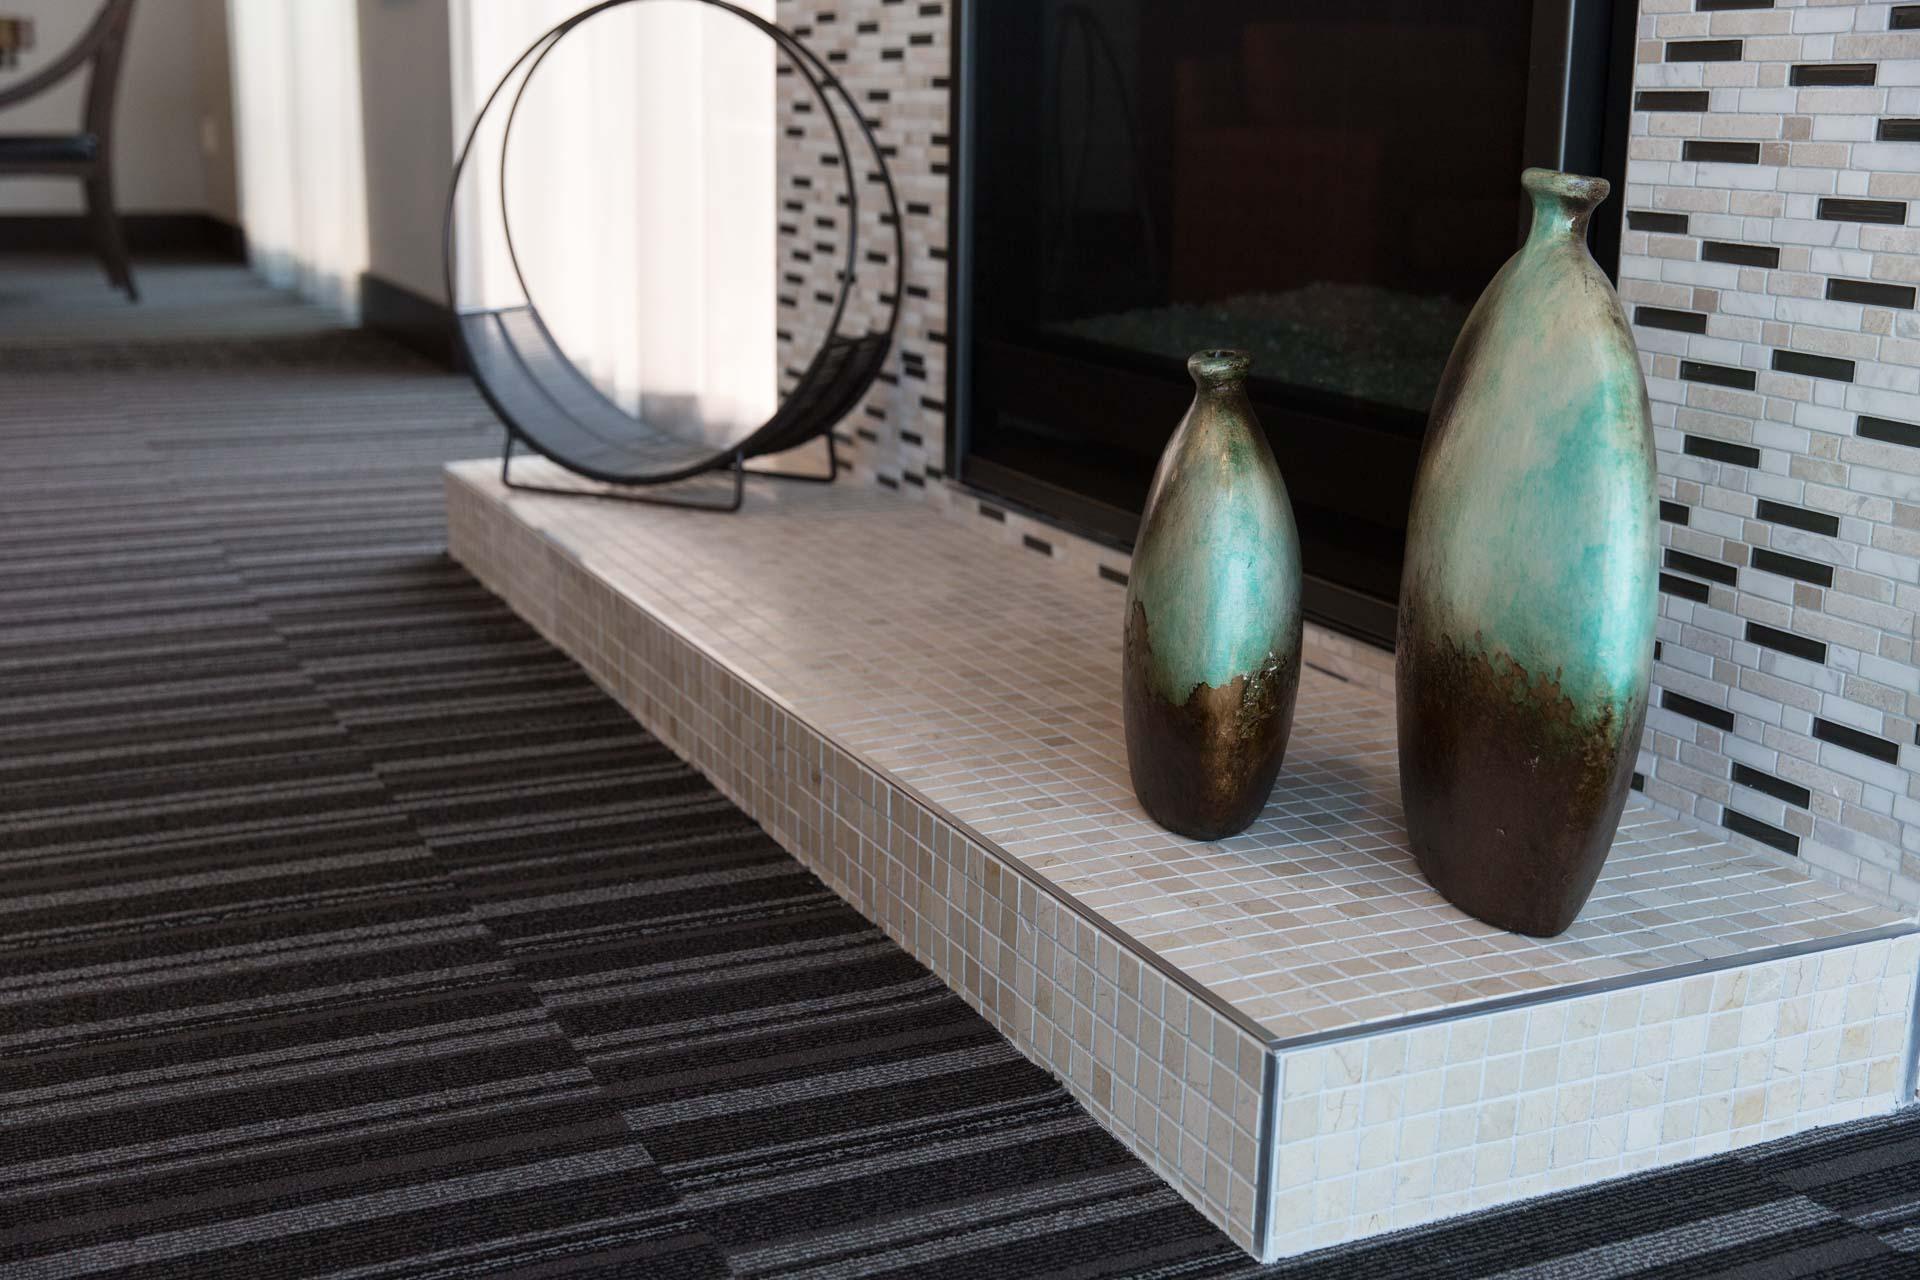 Fire Resistant Carpet Tiles